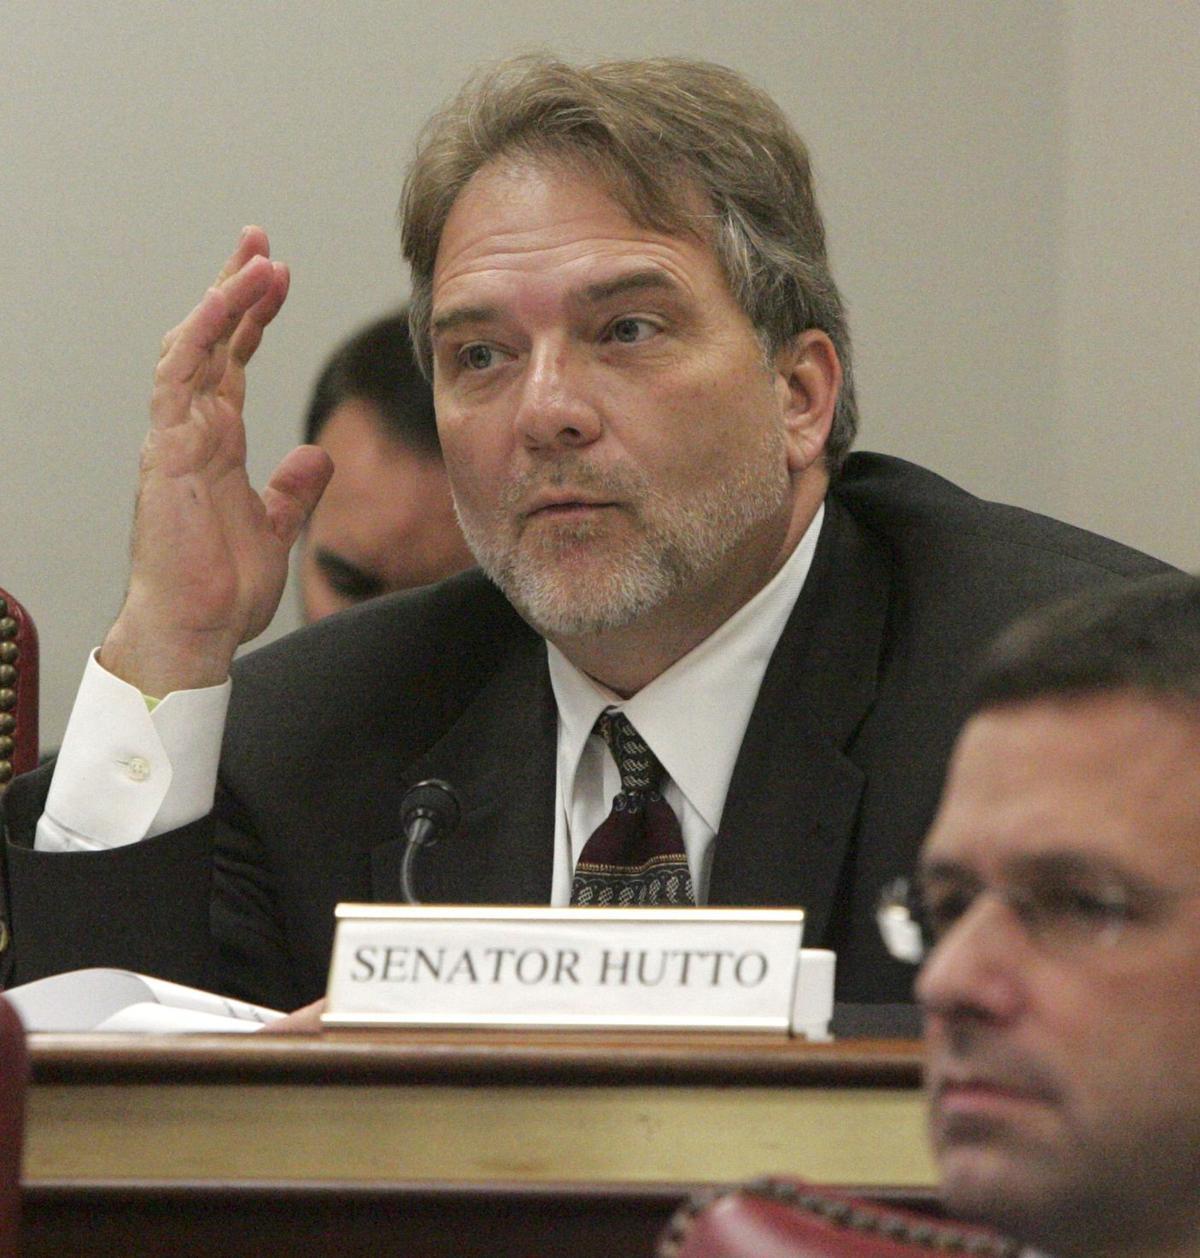 Democrats proposing bills to increase LGBT protections in South Carolina